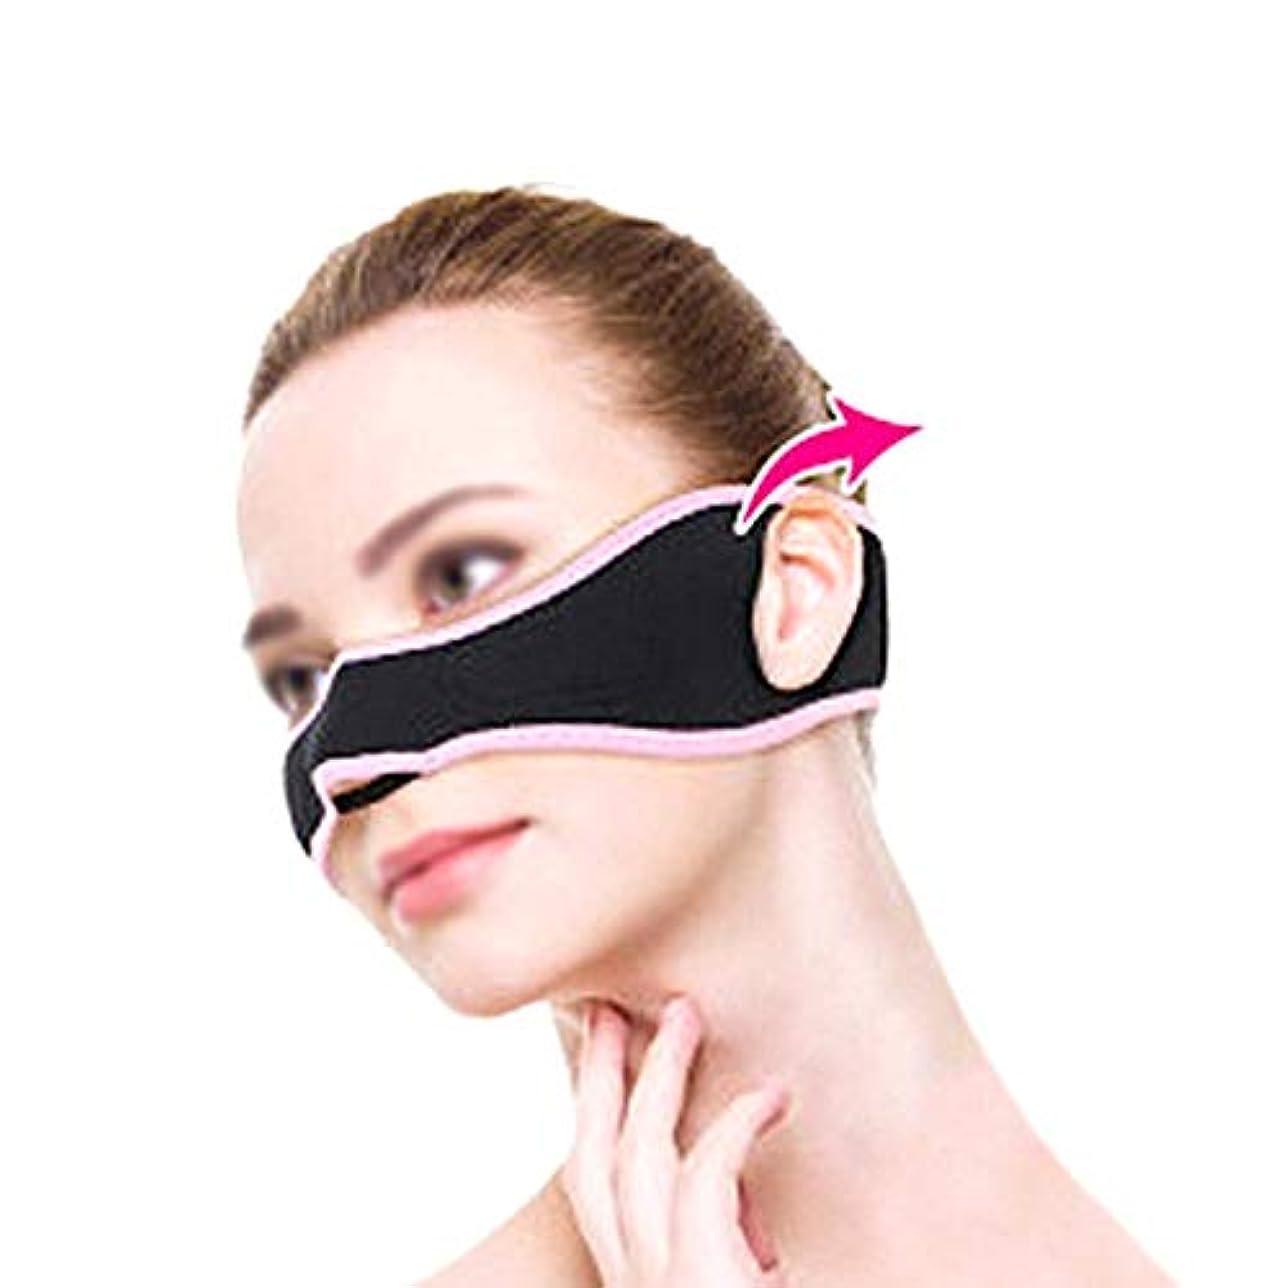 緊張馬鹿げた秘書XHLMRMJ フェイスリフティングマスク、チークリフトアップマスク、薄くて薄い顔、顔の筋肉を引き締めて持ち上げ、持ち運びが簡単で、男性と女性の両方が使用できます